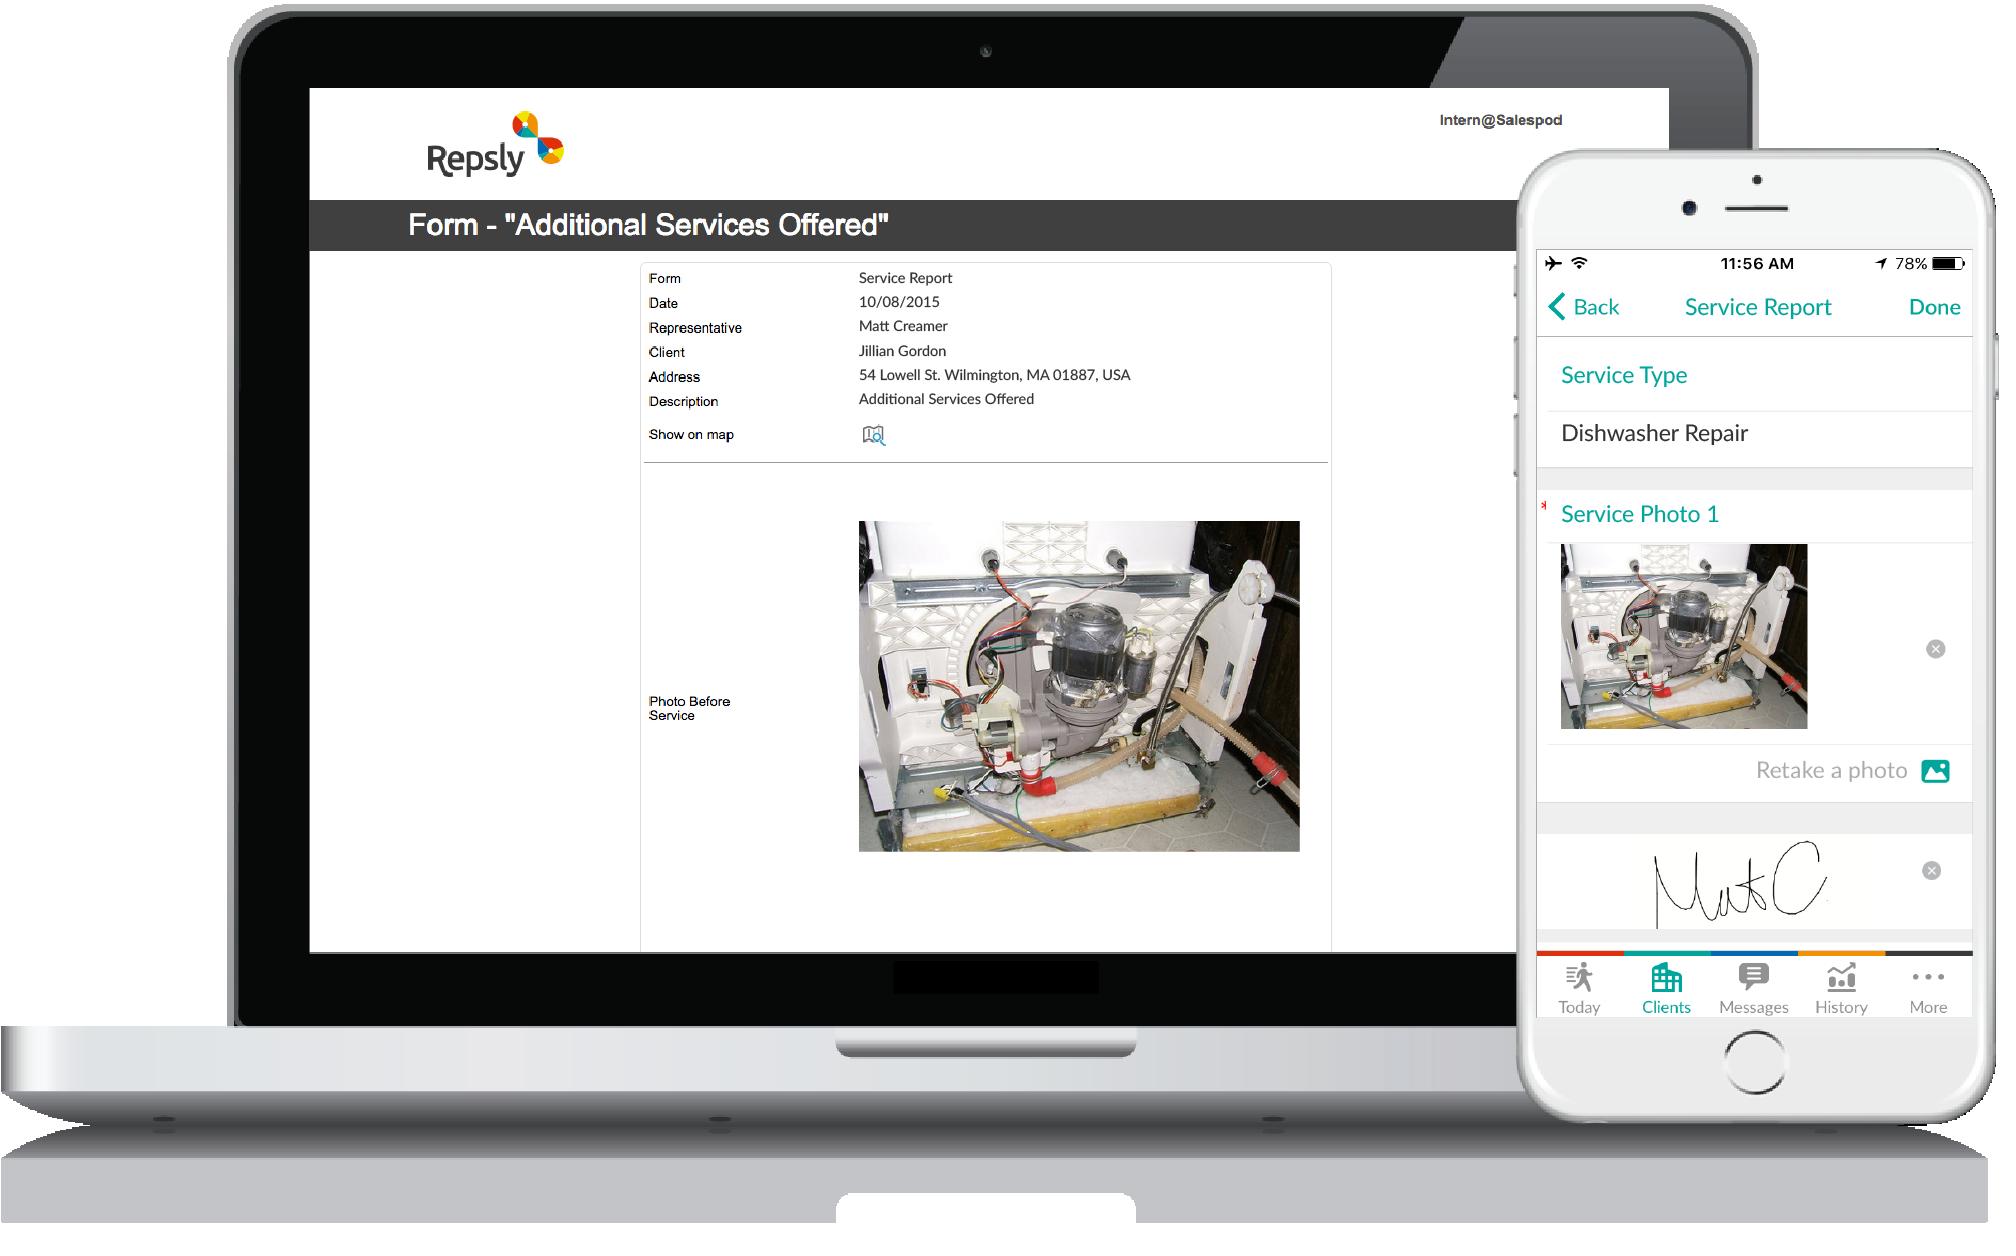 Laptop Screenshot of Appliance Repair Software